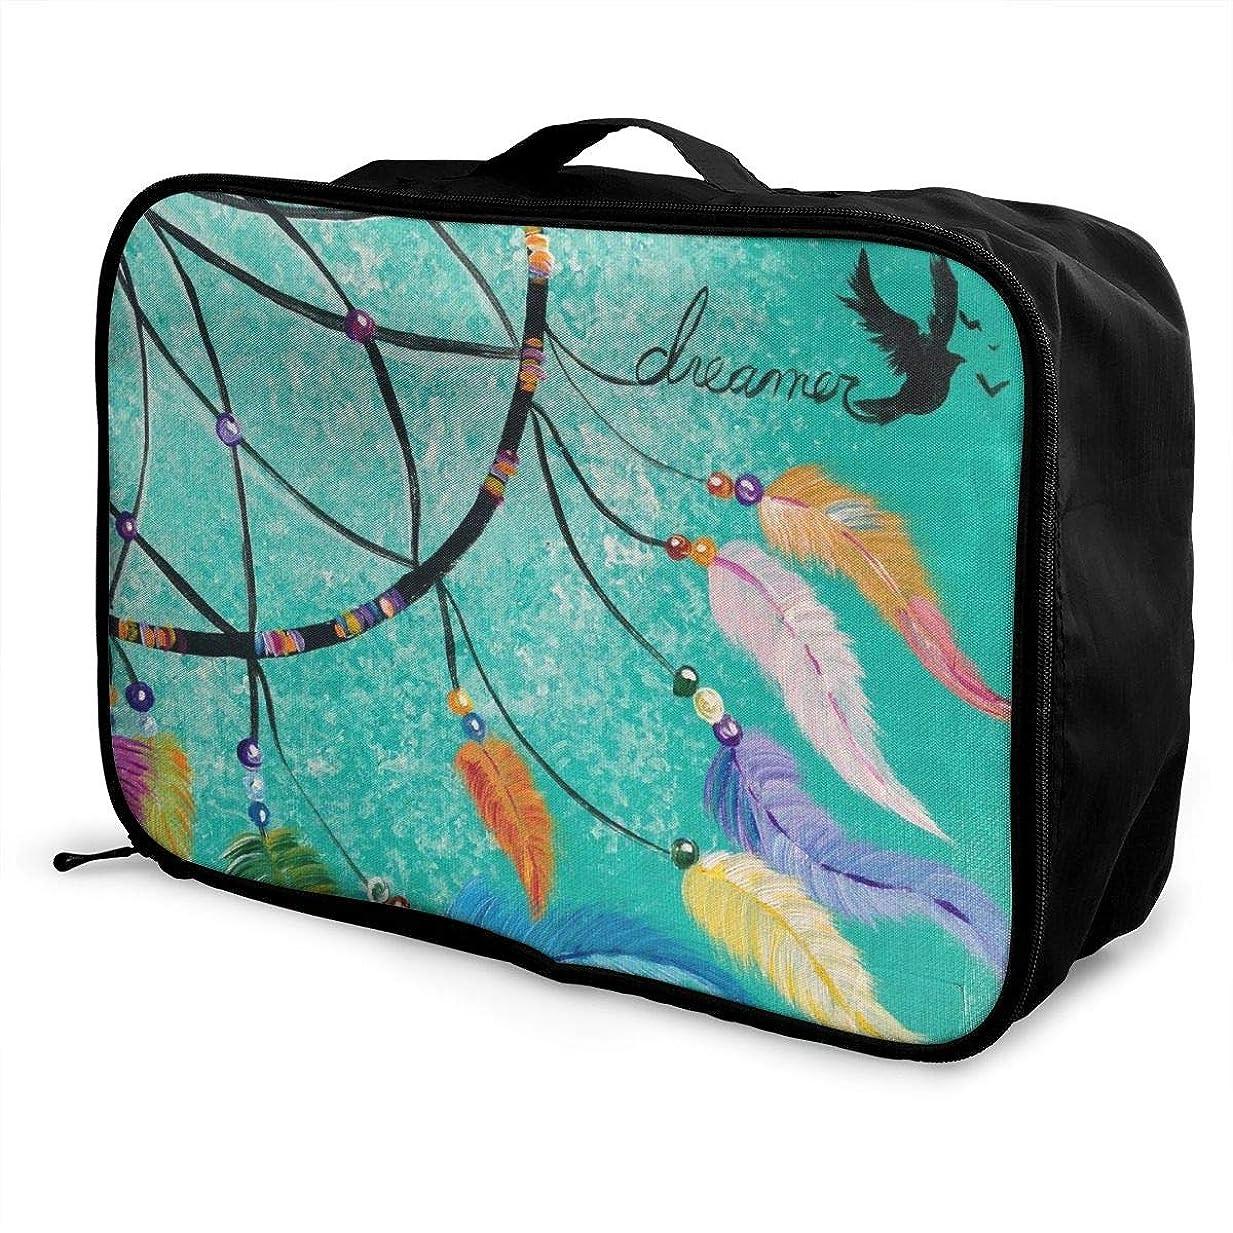 はっきりしない家族設計図荷物バッグ ポーツバッグ ボストンバッグ 大容量 軽量 折りたたみ可能 運動 スポーツ アウトド 個性的 旅行用 出張用 ドリームキャッチャー